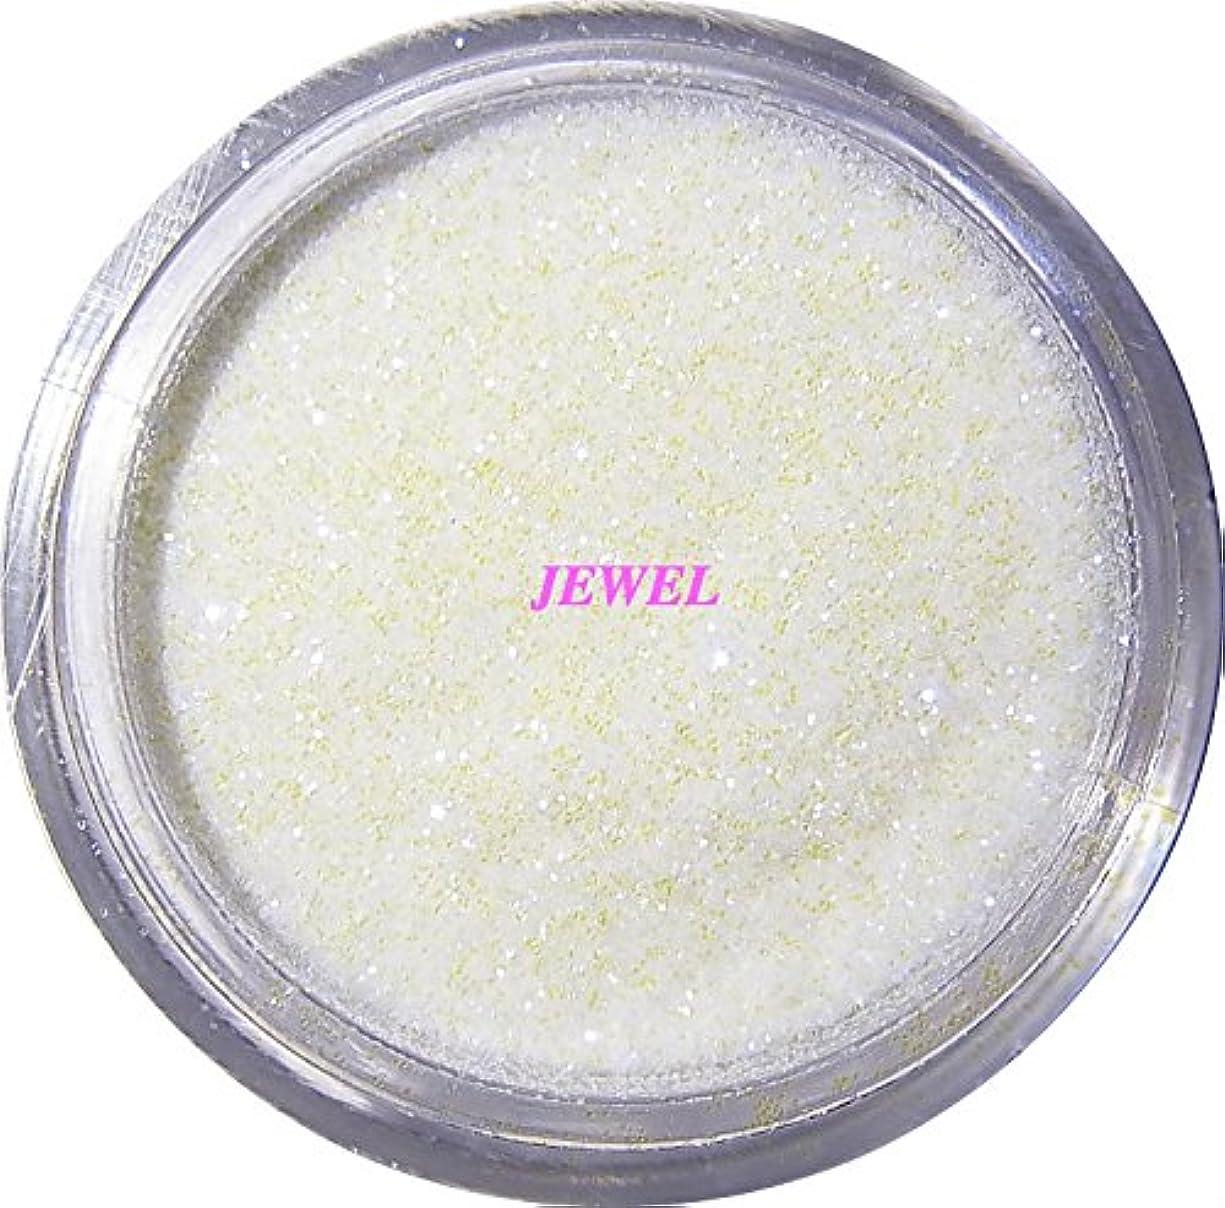 リスナー区別薬【jewel】 超微粒子ラメパウダーたっぷり2g入り 12色から選択可能 レジン&ネイル用 (パールホワイト)